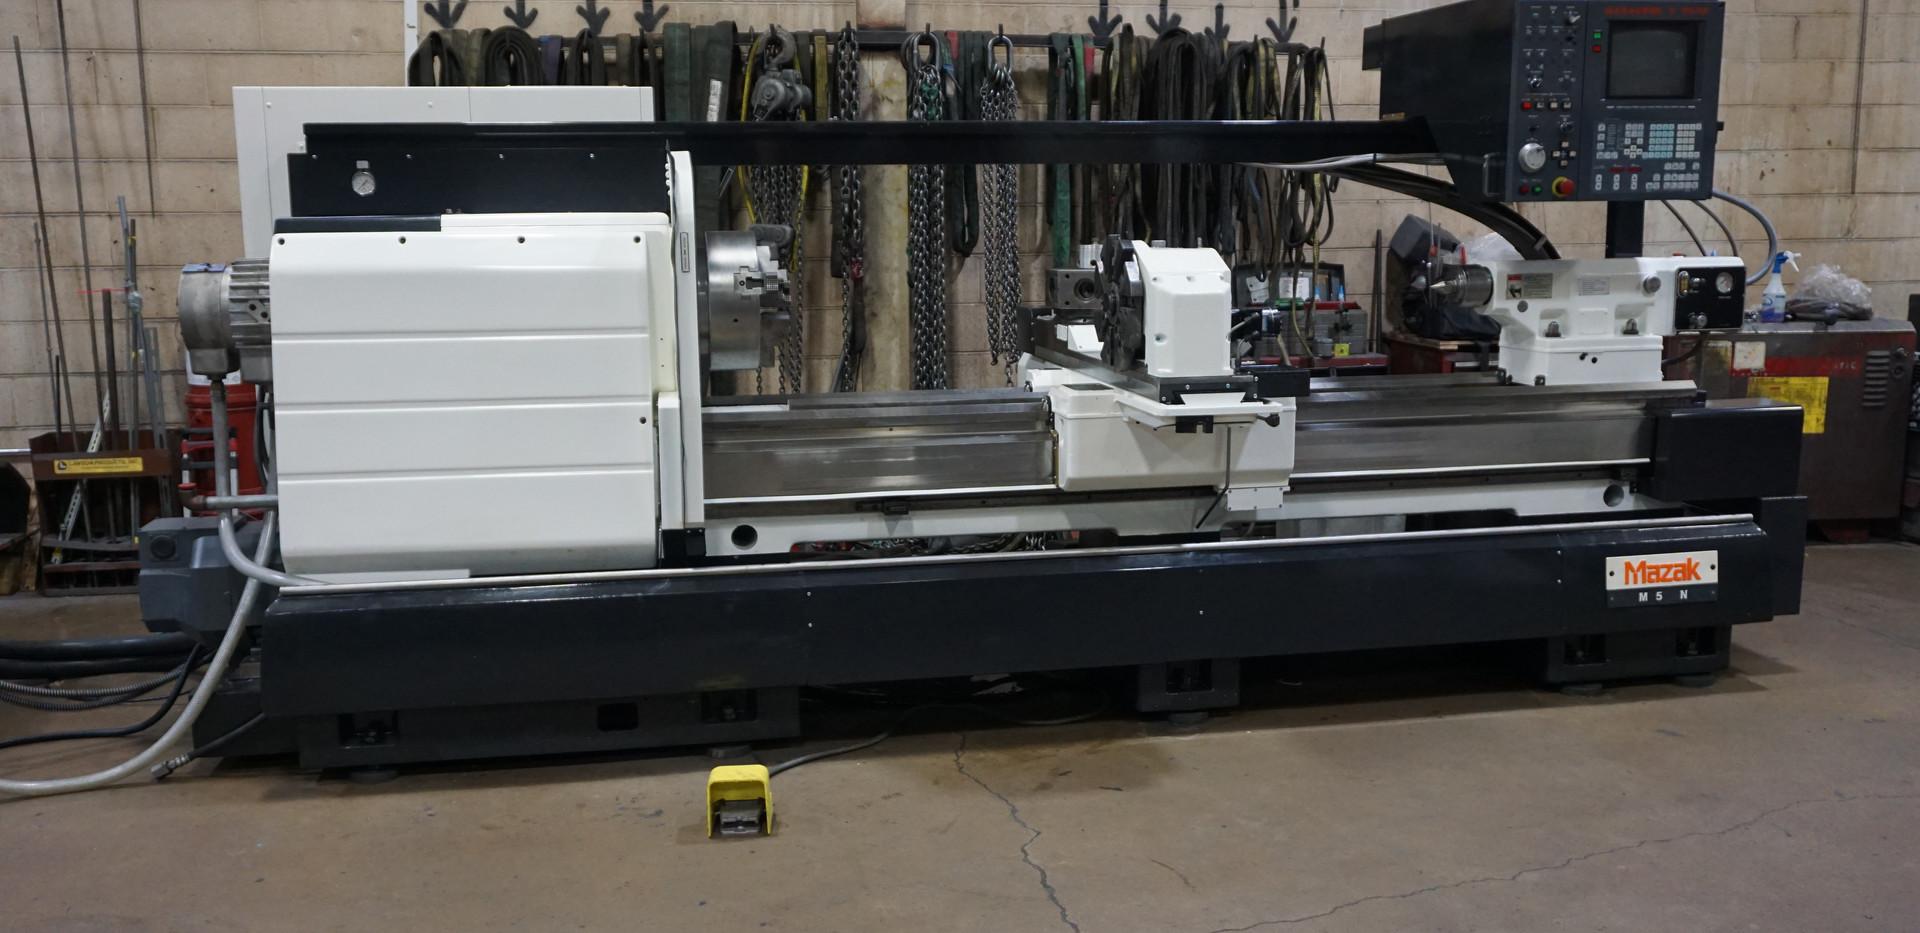 Mazak M5N-2500 Side